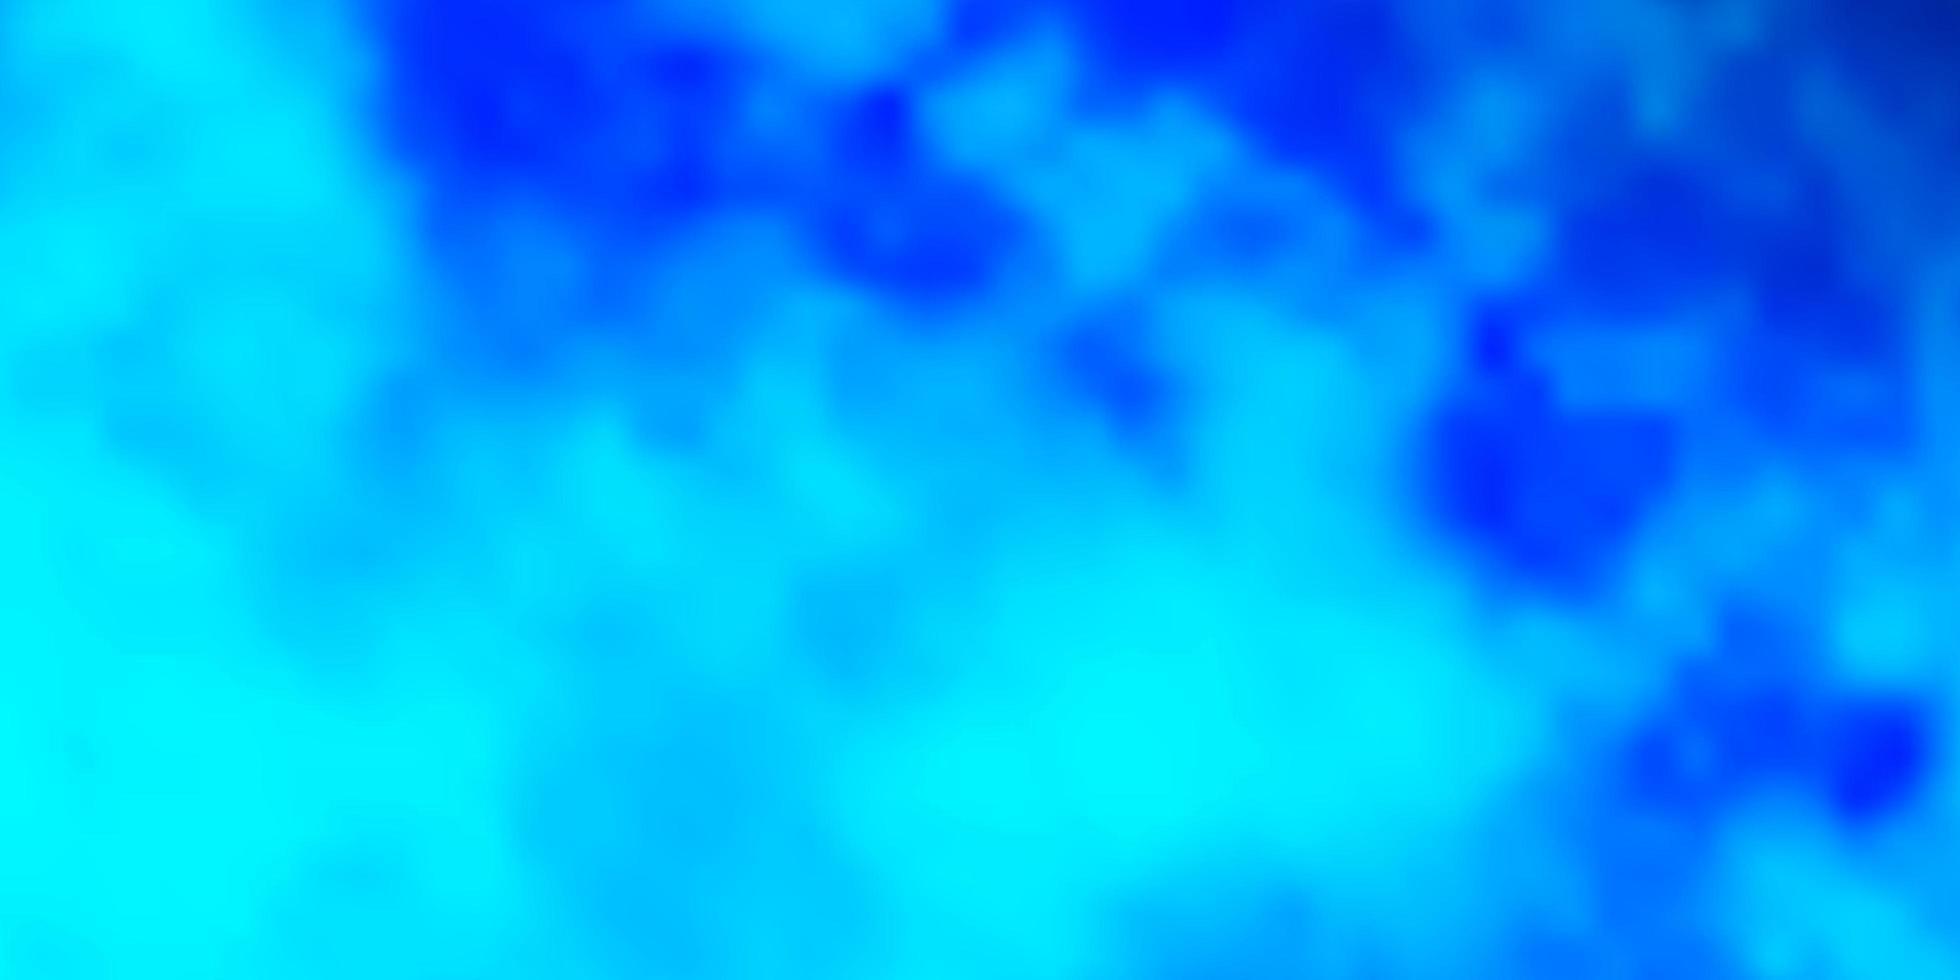 blå layout med molnlandskap. vektor